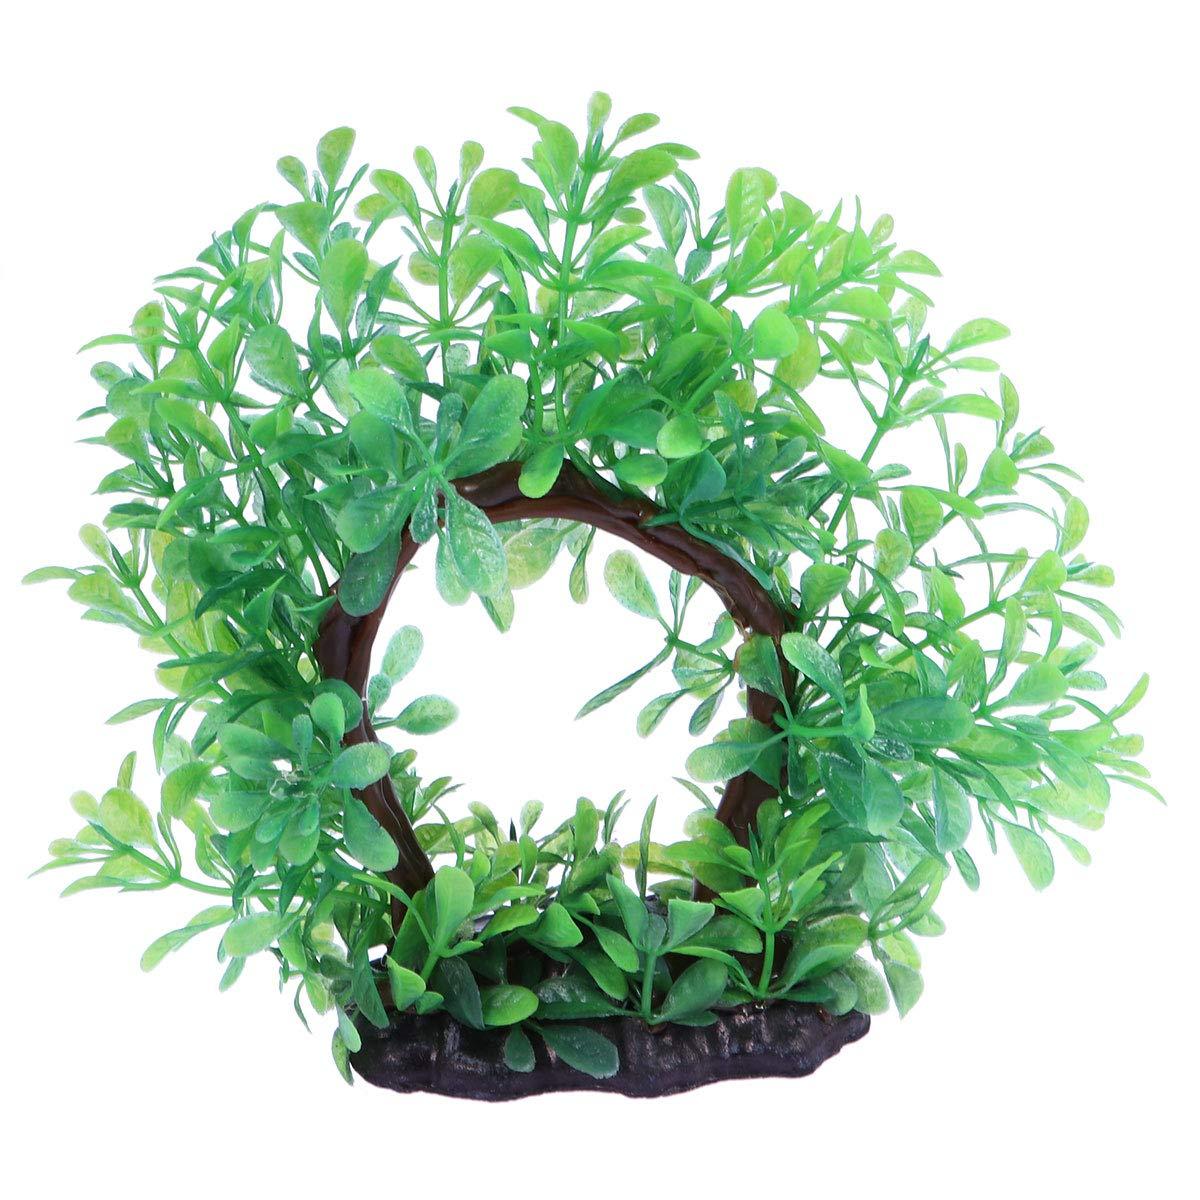 POPETPOP Plantes d'eau artificielles Porte de Fleur Faux Plante Aquatique Ornement de réservoir de Poissons décoration d'aquarium (Vert)